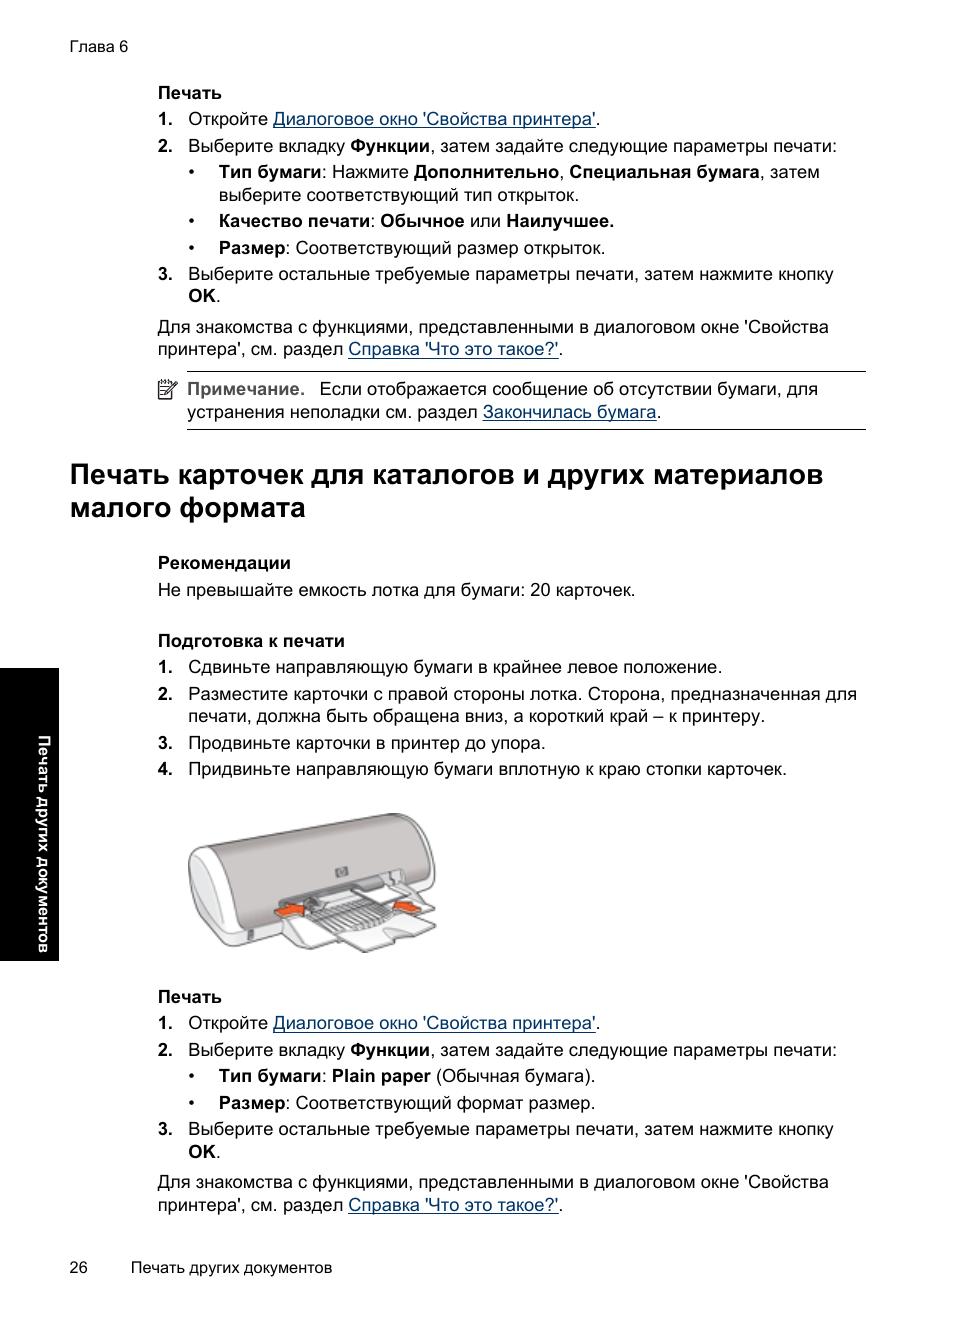 Инструкцию по эксплуатации принтера